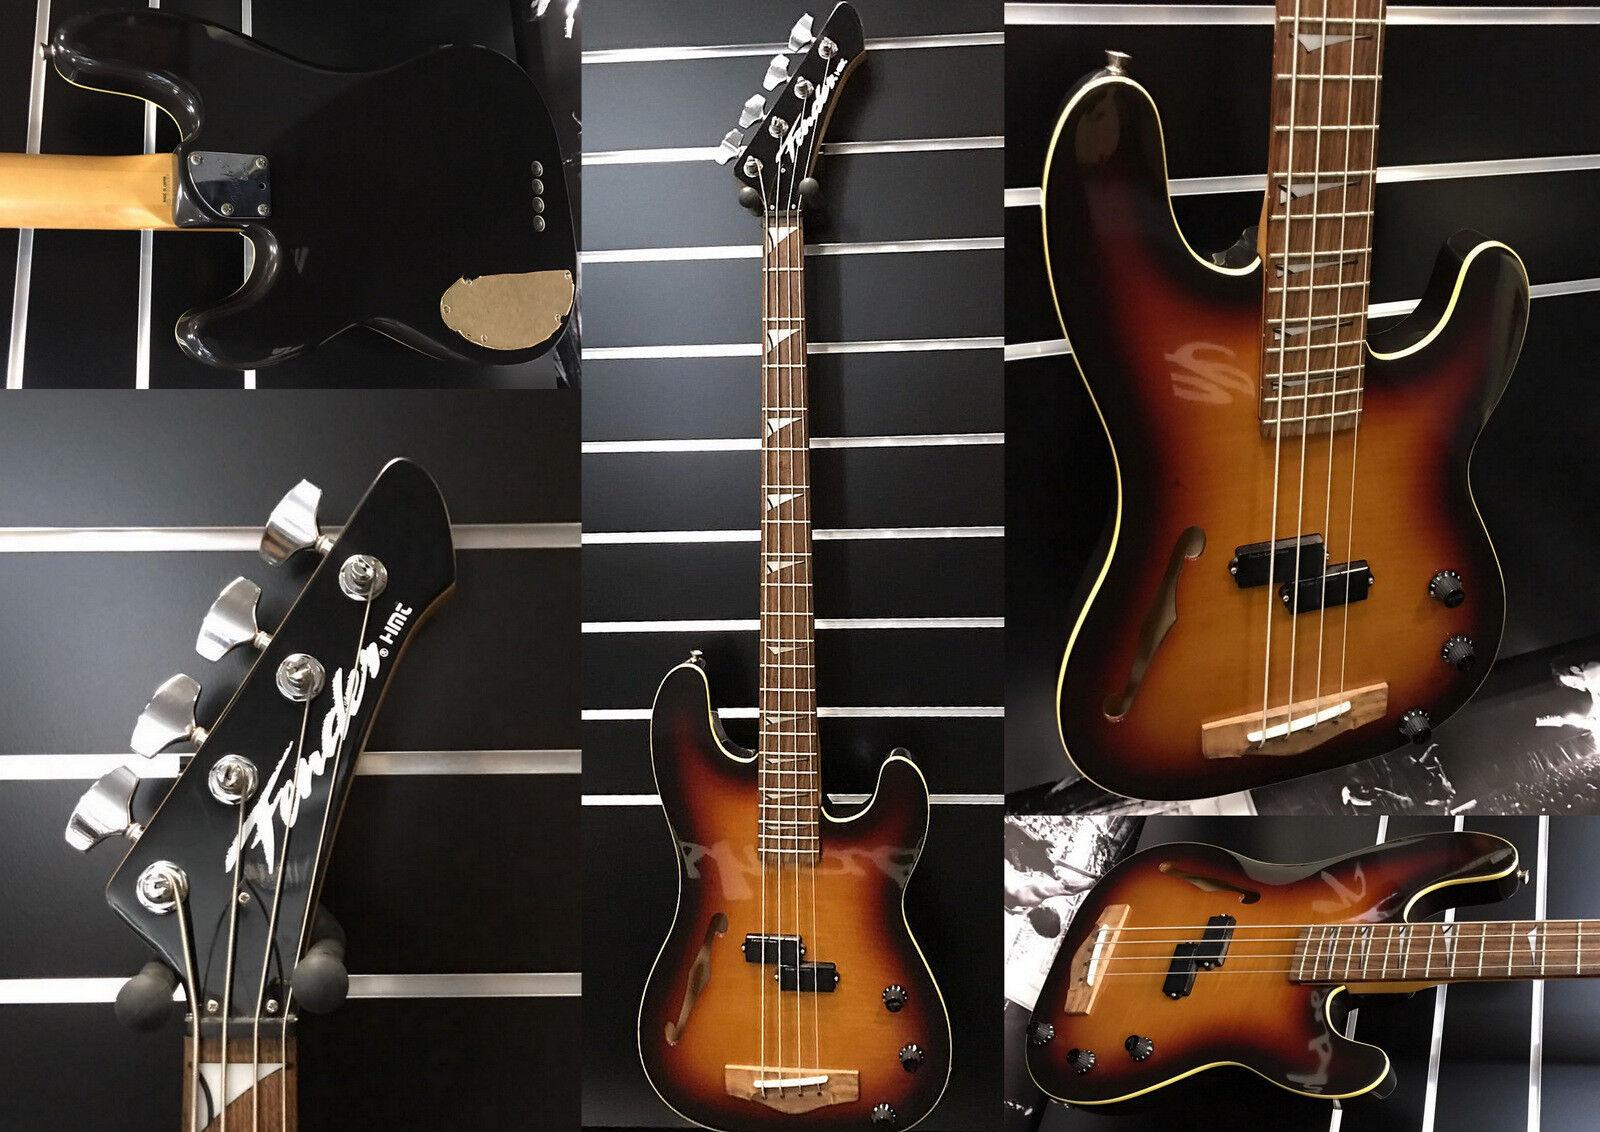 Fender HMT Bass RW 3 Tone Sunburst - Jahr 1990 Vintage RARE | Sofort Lieferbar